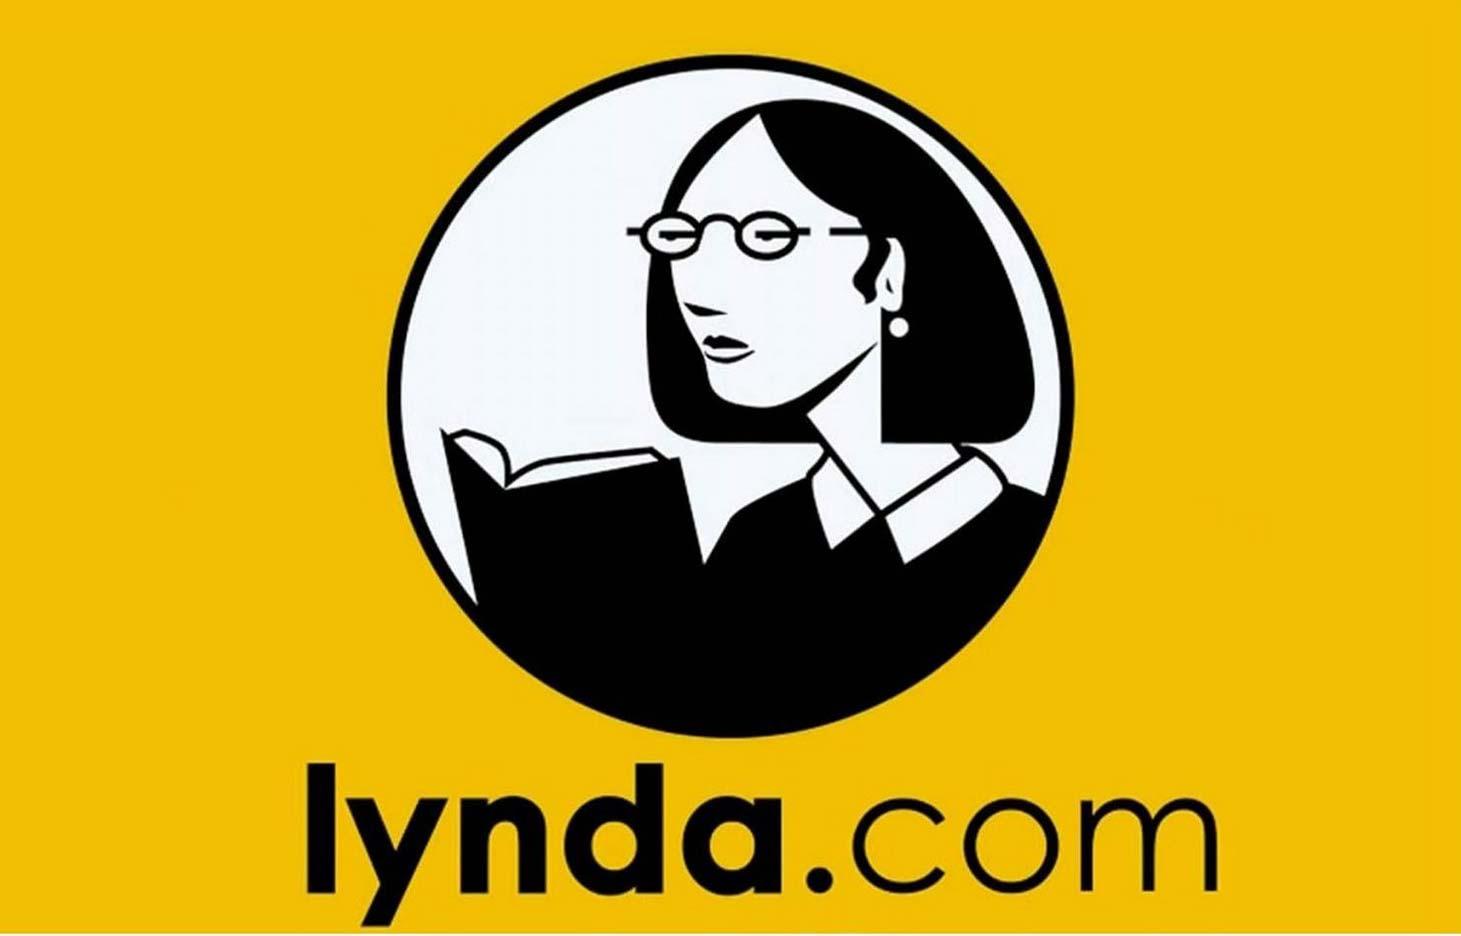 Lynda.com - @GUHSDtech